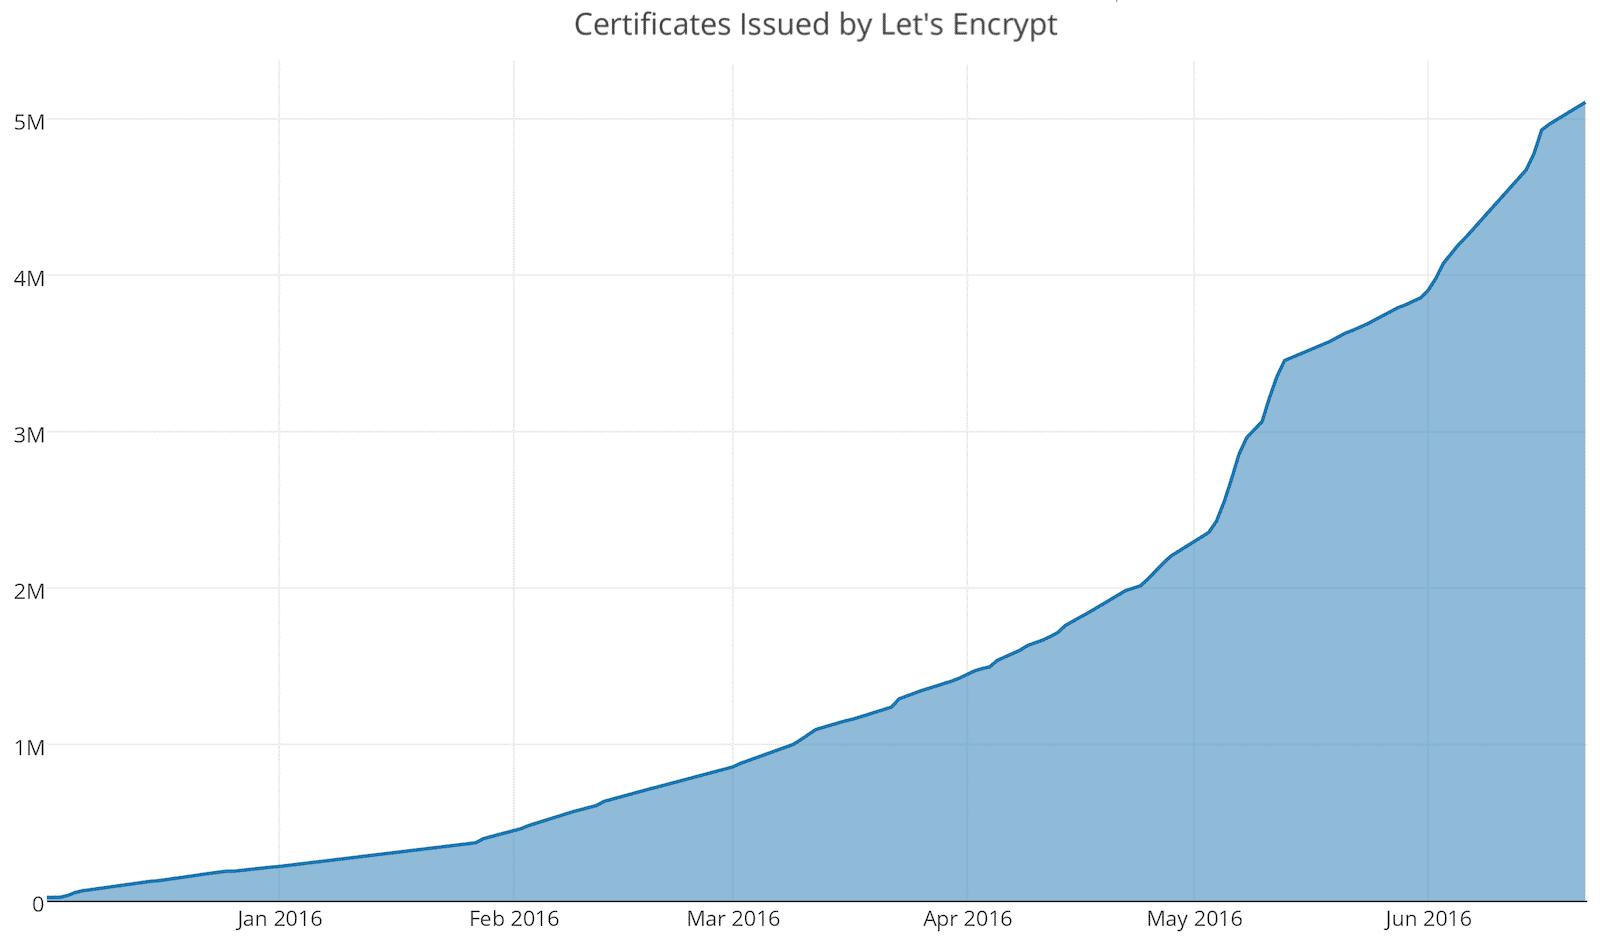 Seit dem Start Ende vergangenen Jahres wächst Let's Encrypt rasant.